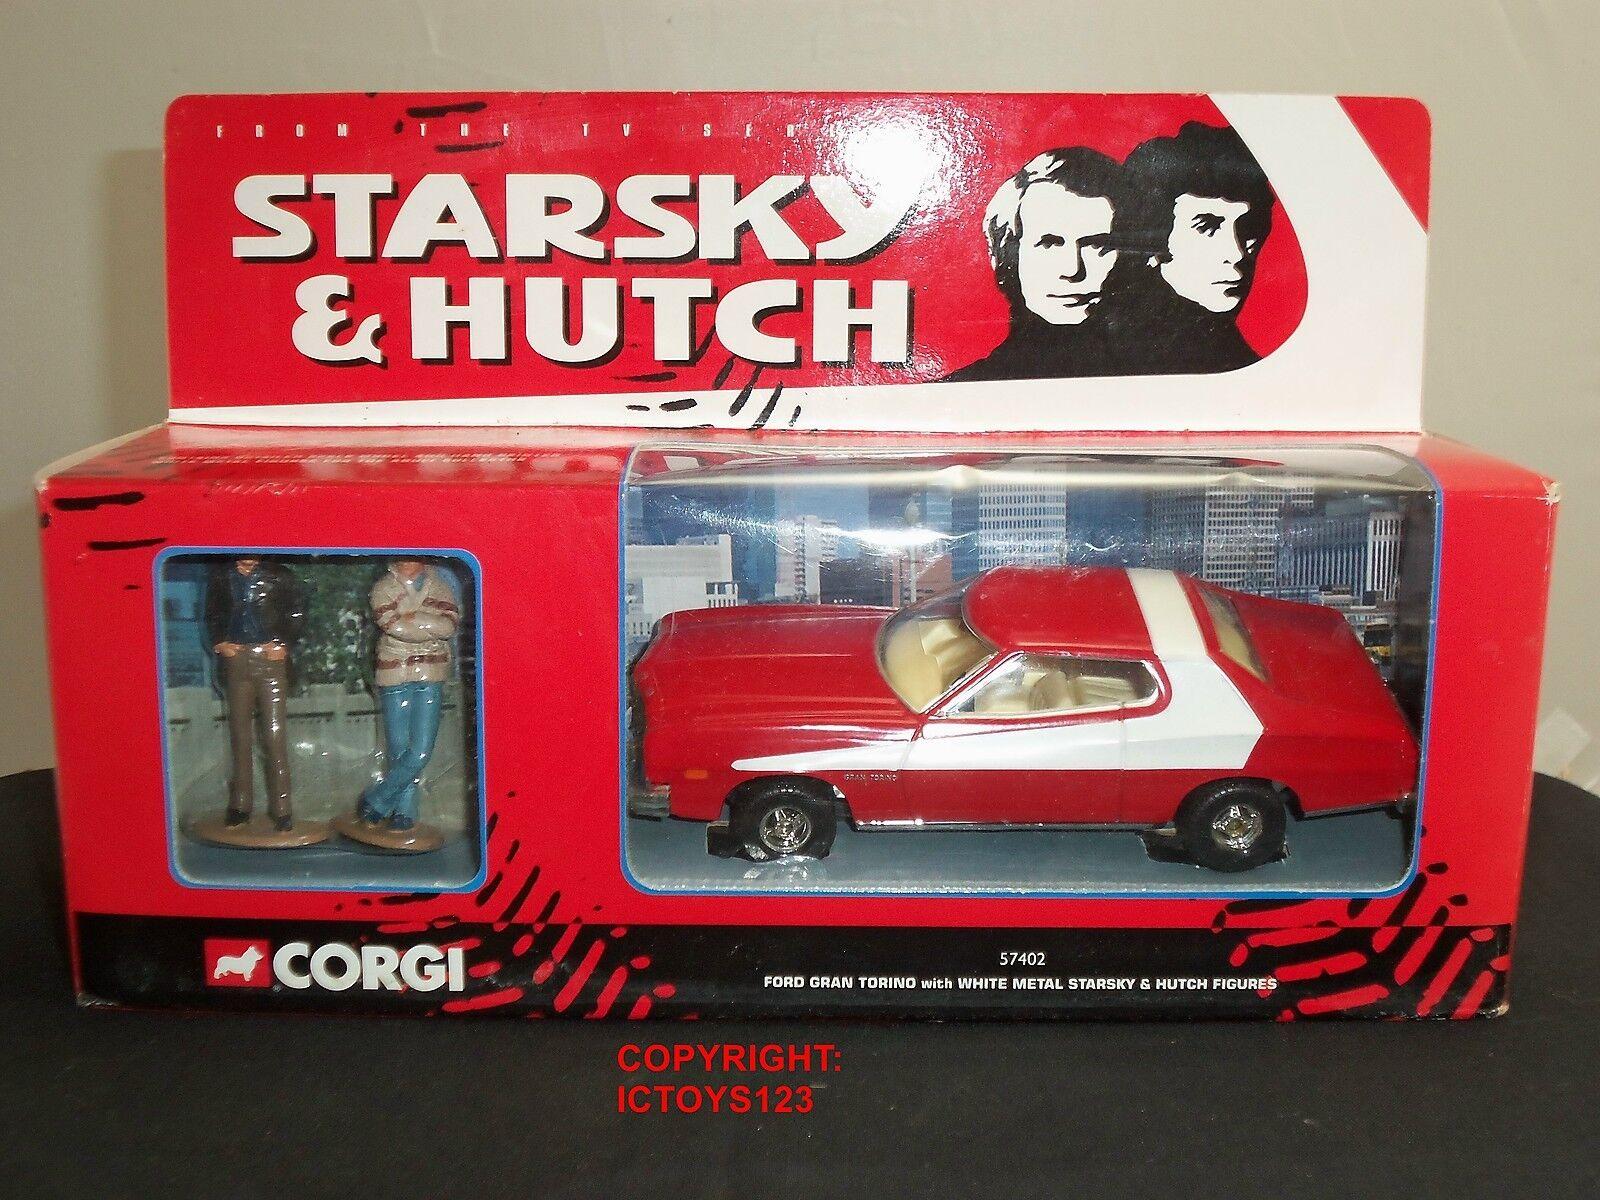 CORGI 57402 STARSKY + HUTCH FORD GRAN TORINO Diecast Auto Rossa + Figure in metallo